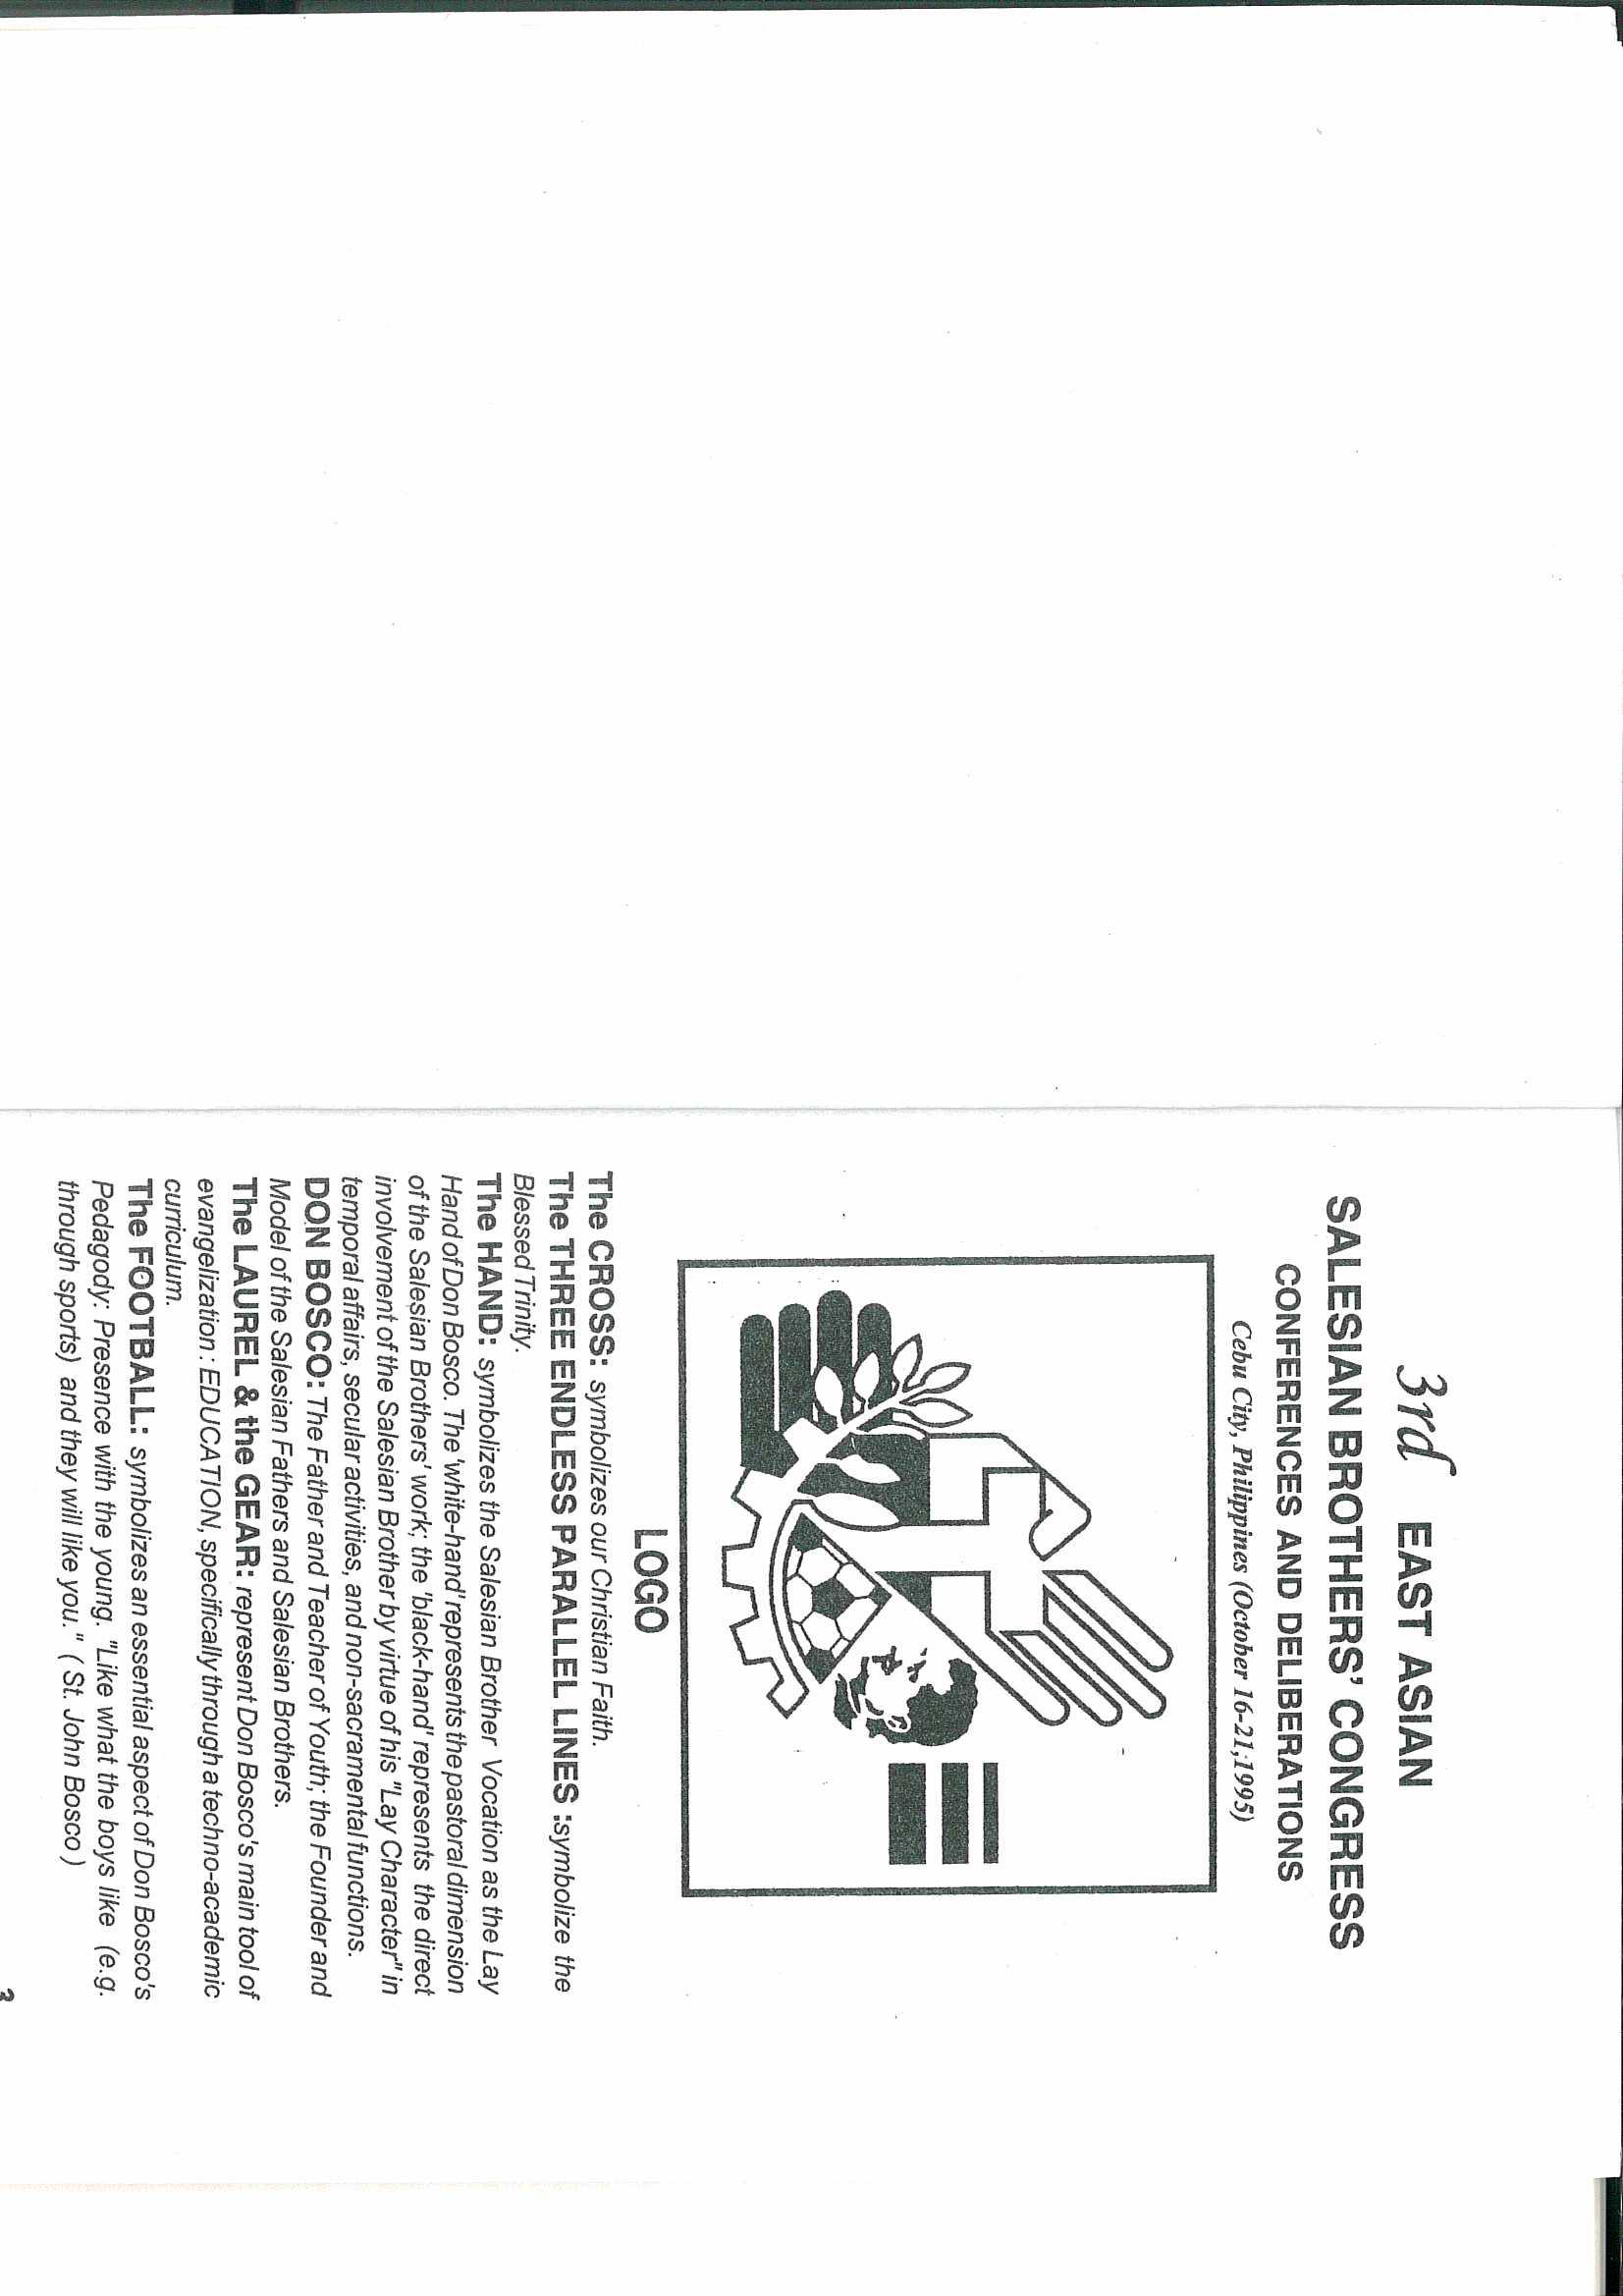 scan_vklement_2018-07-01-10-43-45.jpeg